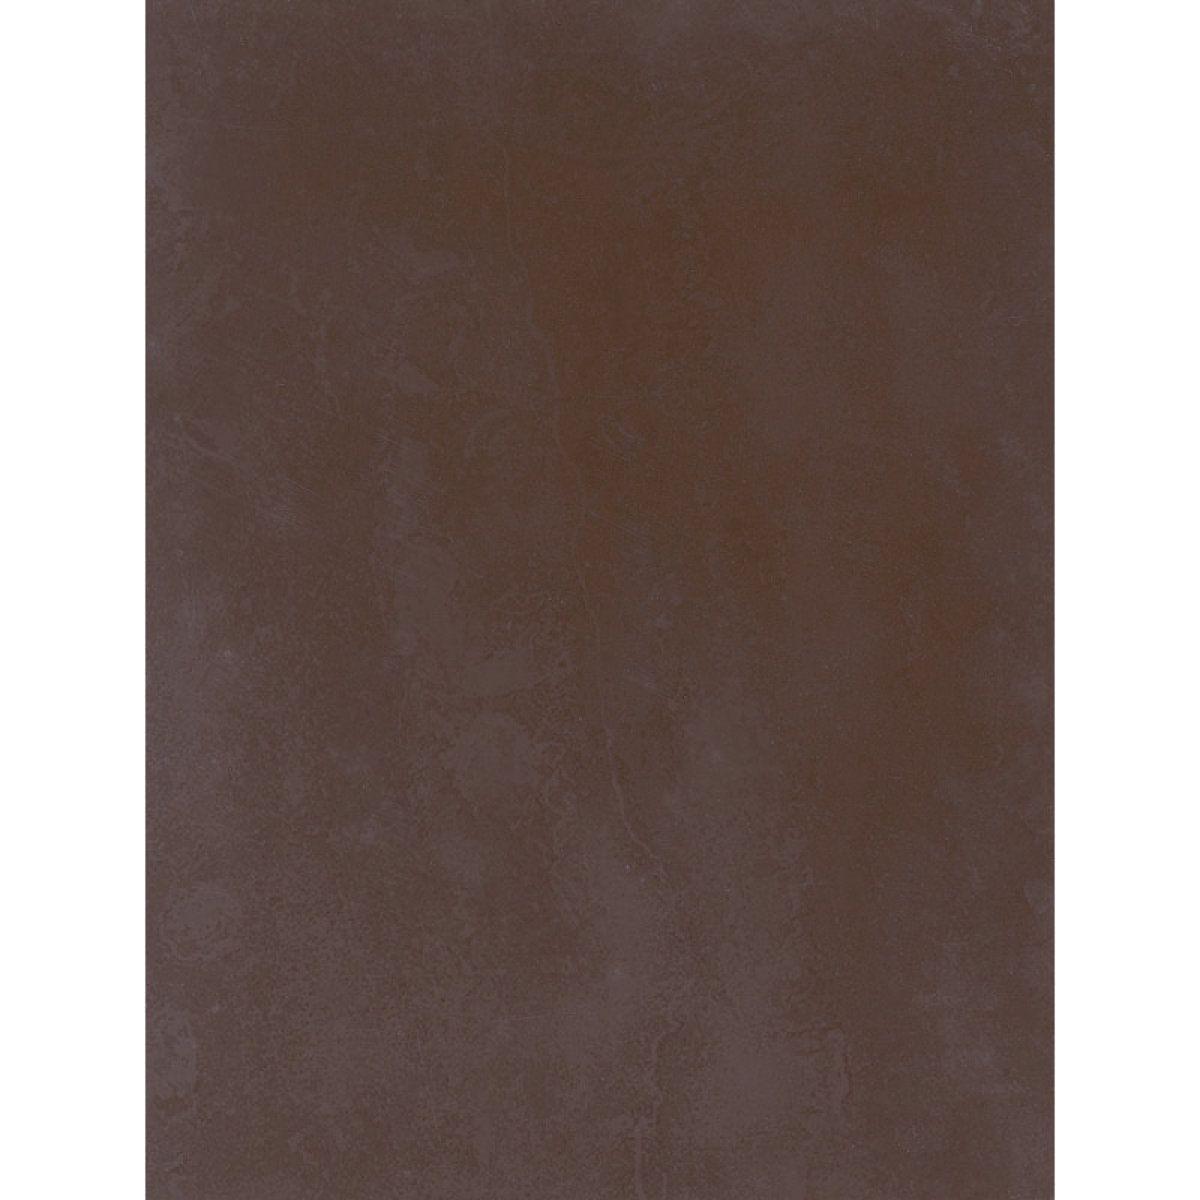 Fa ence arte one villa fiora chocolat mat 25x33cm watkb162 for Carrelage noir mat